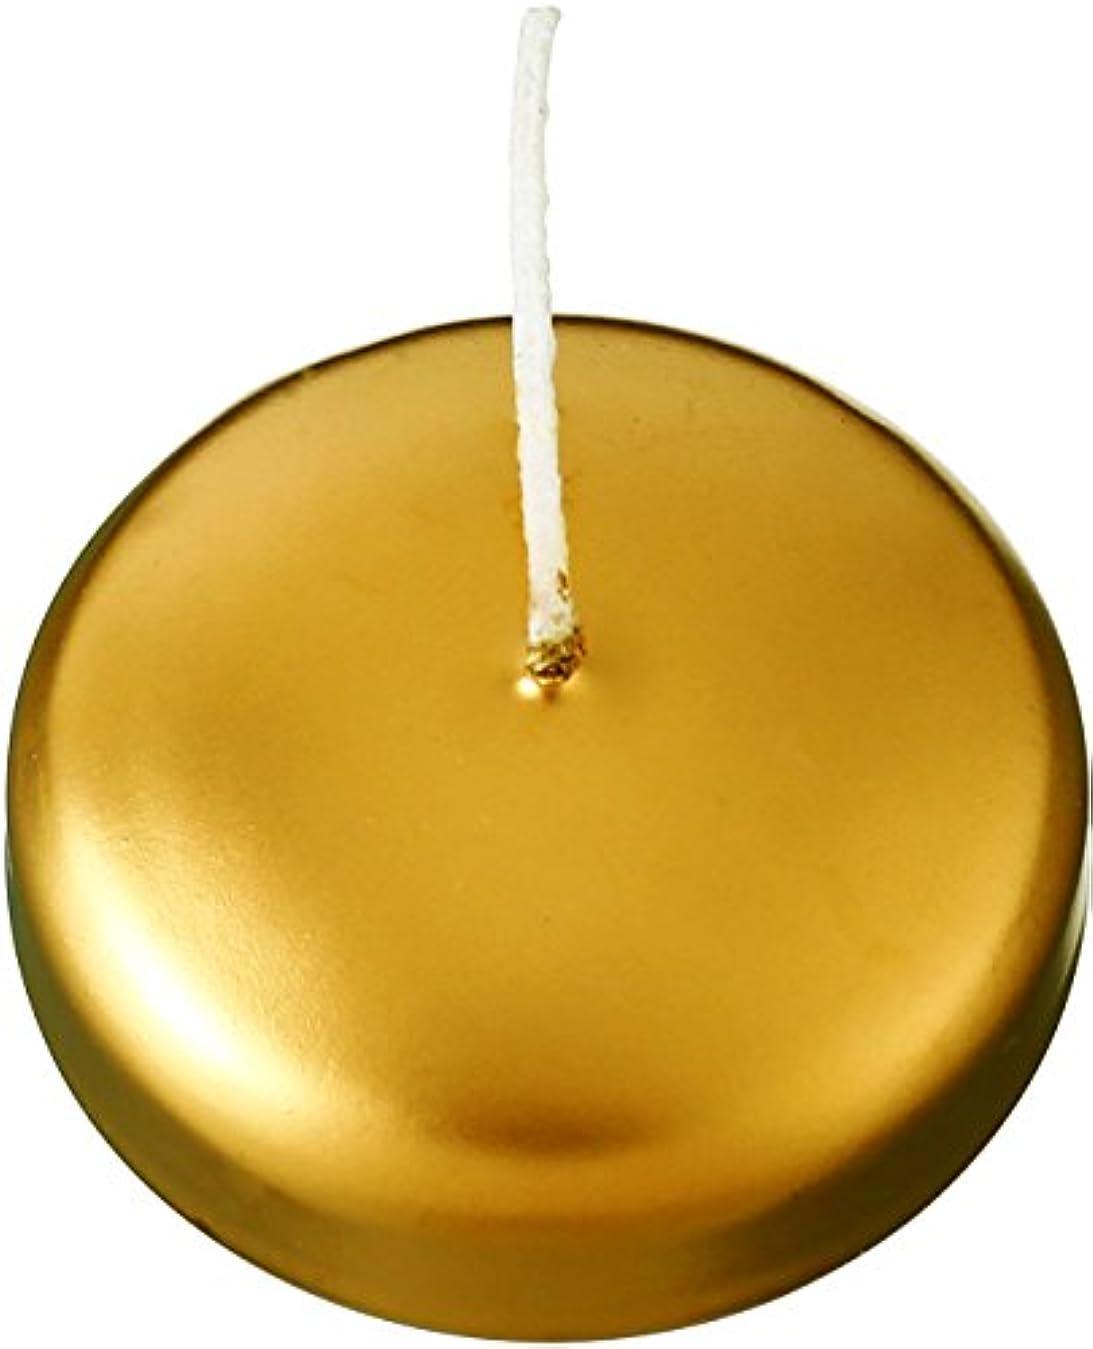 ロープ惑星虫を数えるカメヤマキャンドルハウス フローティングキャンドル50 ゴールド 12個セット